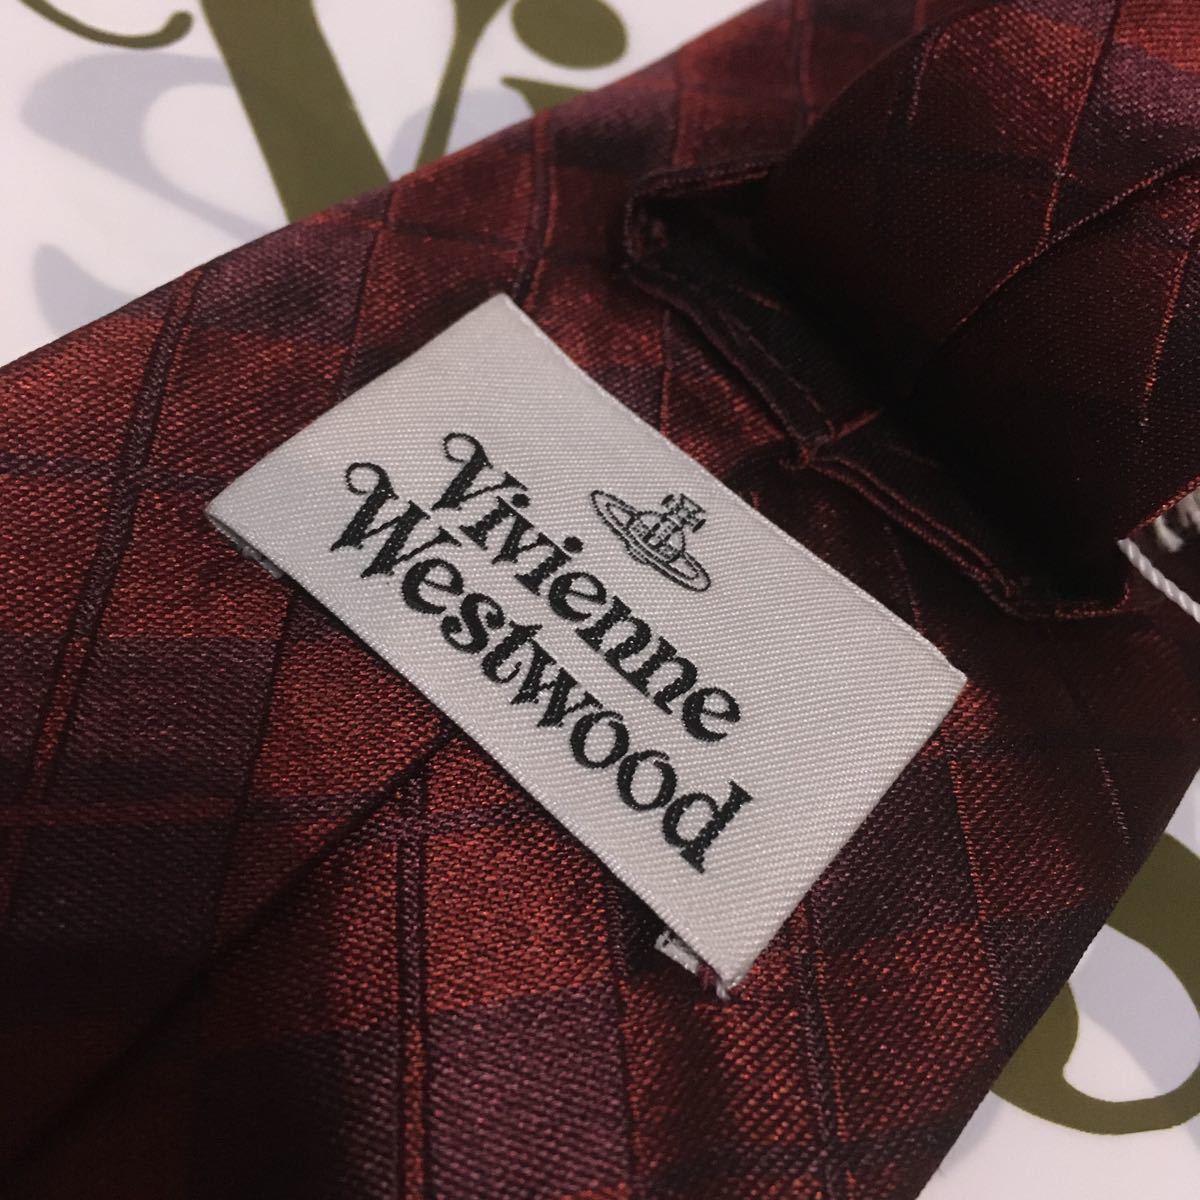 ●新品●送料込/13200円 Vivienne Westwood ネクタイ 赤×ワイン ダイヤ柄 シルク100% ヴィヴィアンウエストウッド ビビアン イタリア製_画像6